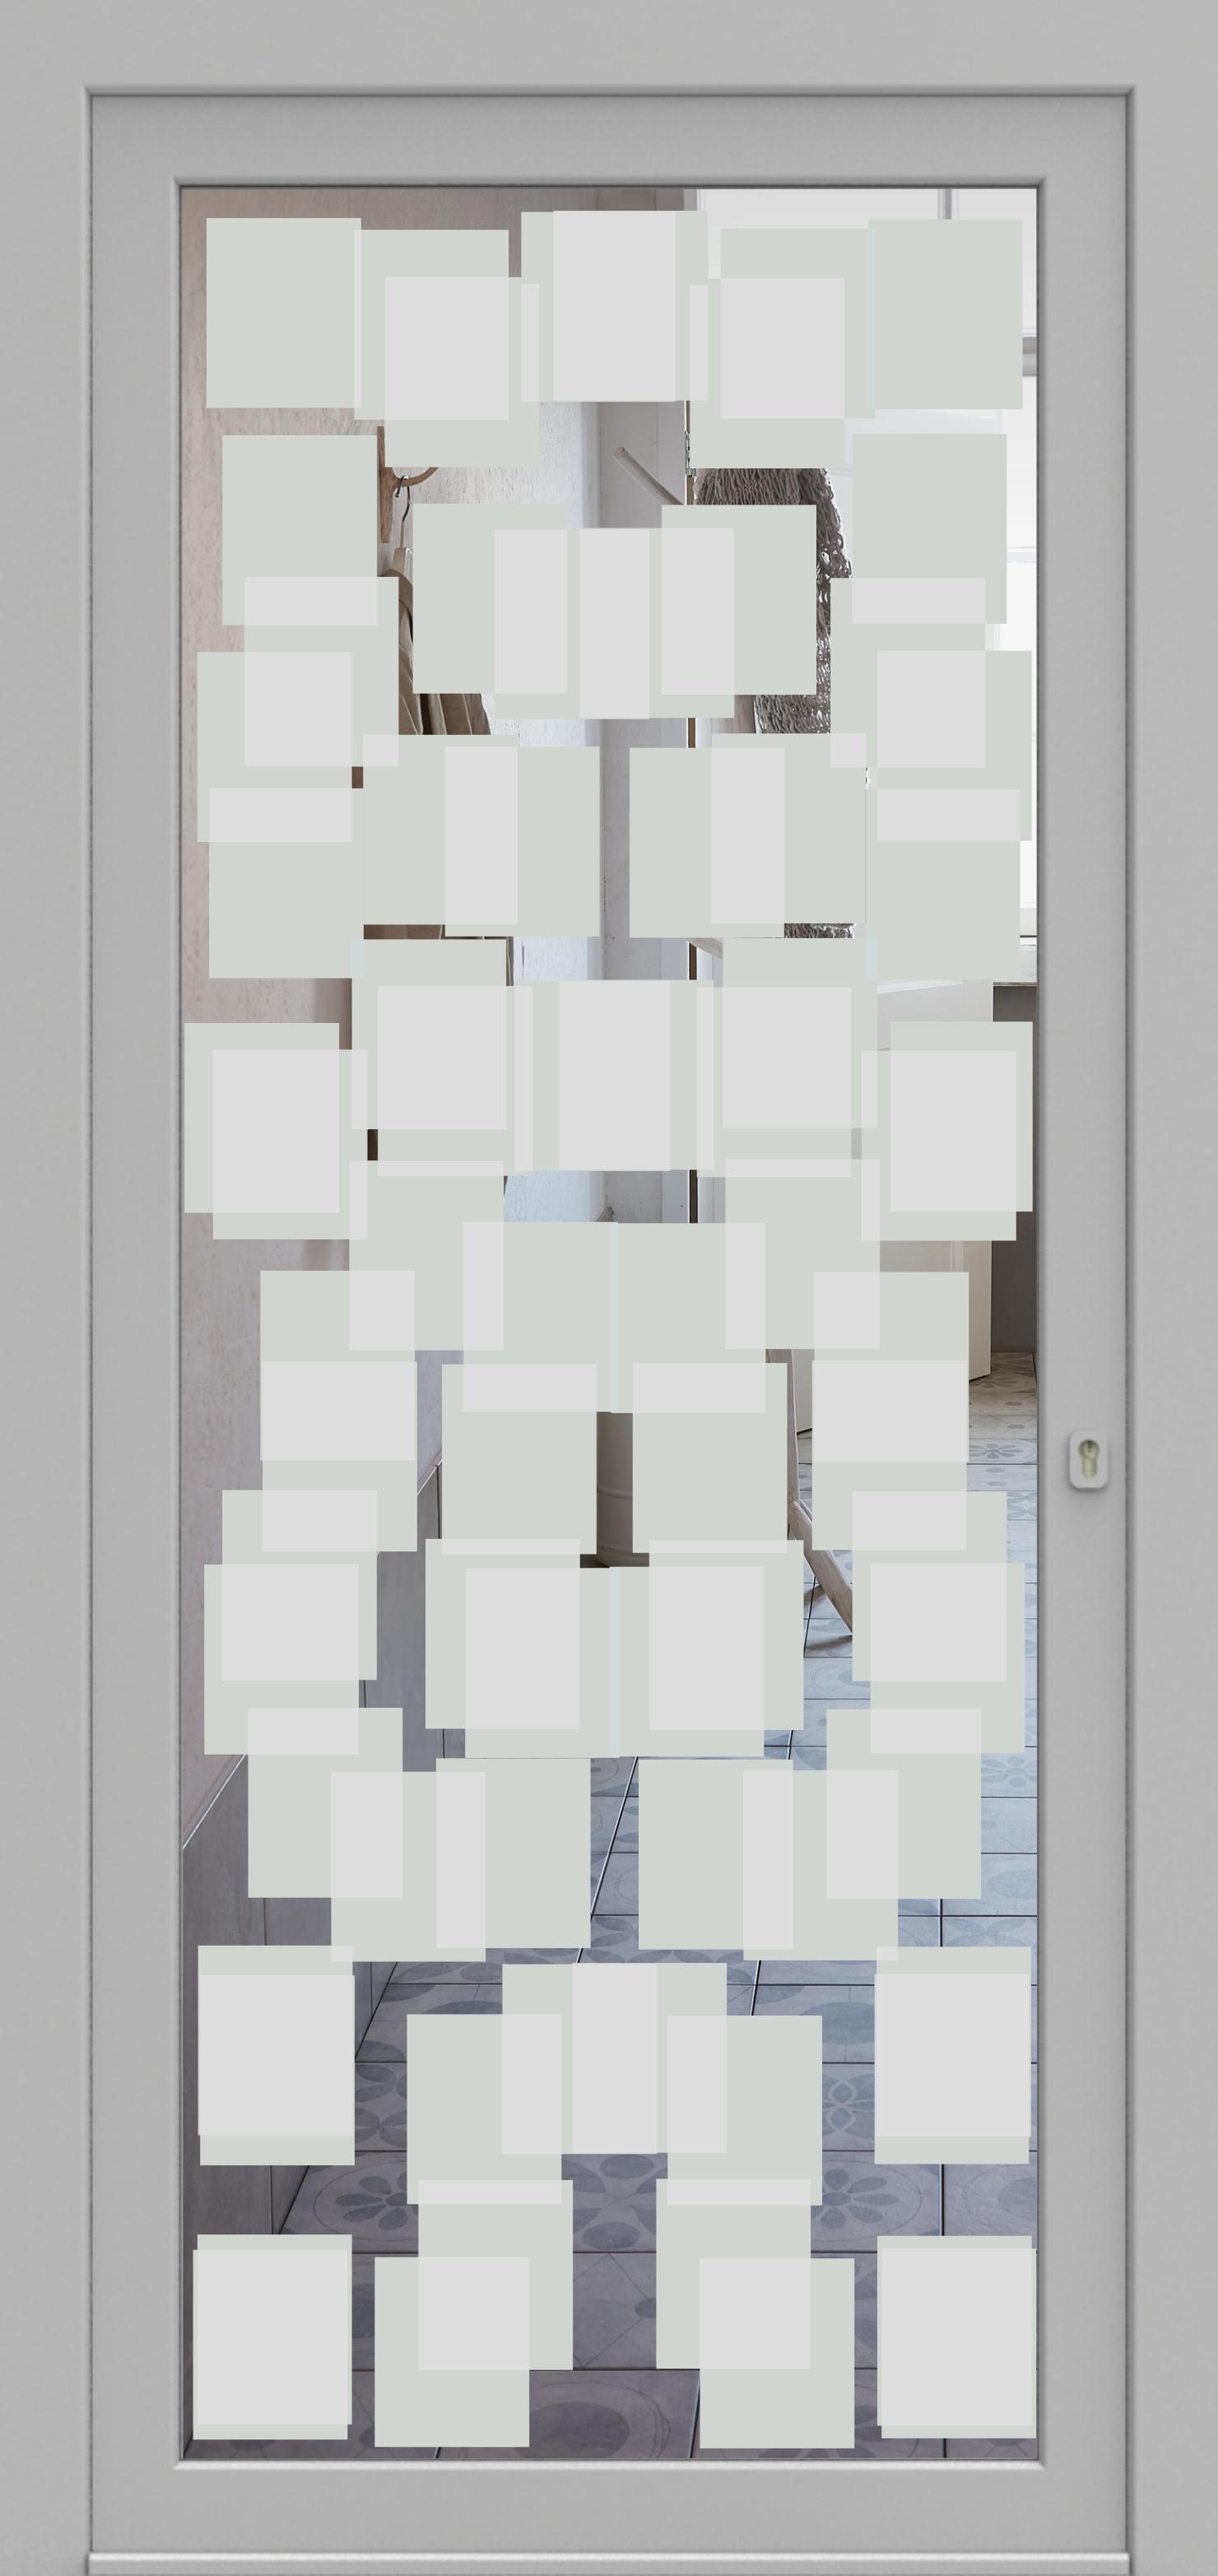 Porte d'entrée DECOVER 3/02 de la gamme Decover posée par les établissements CELEREAU à Roncq